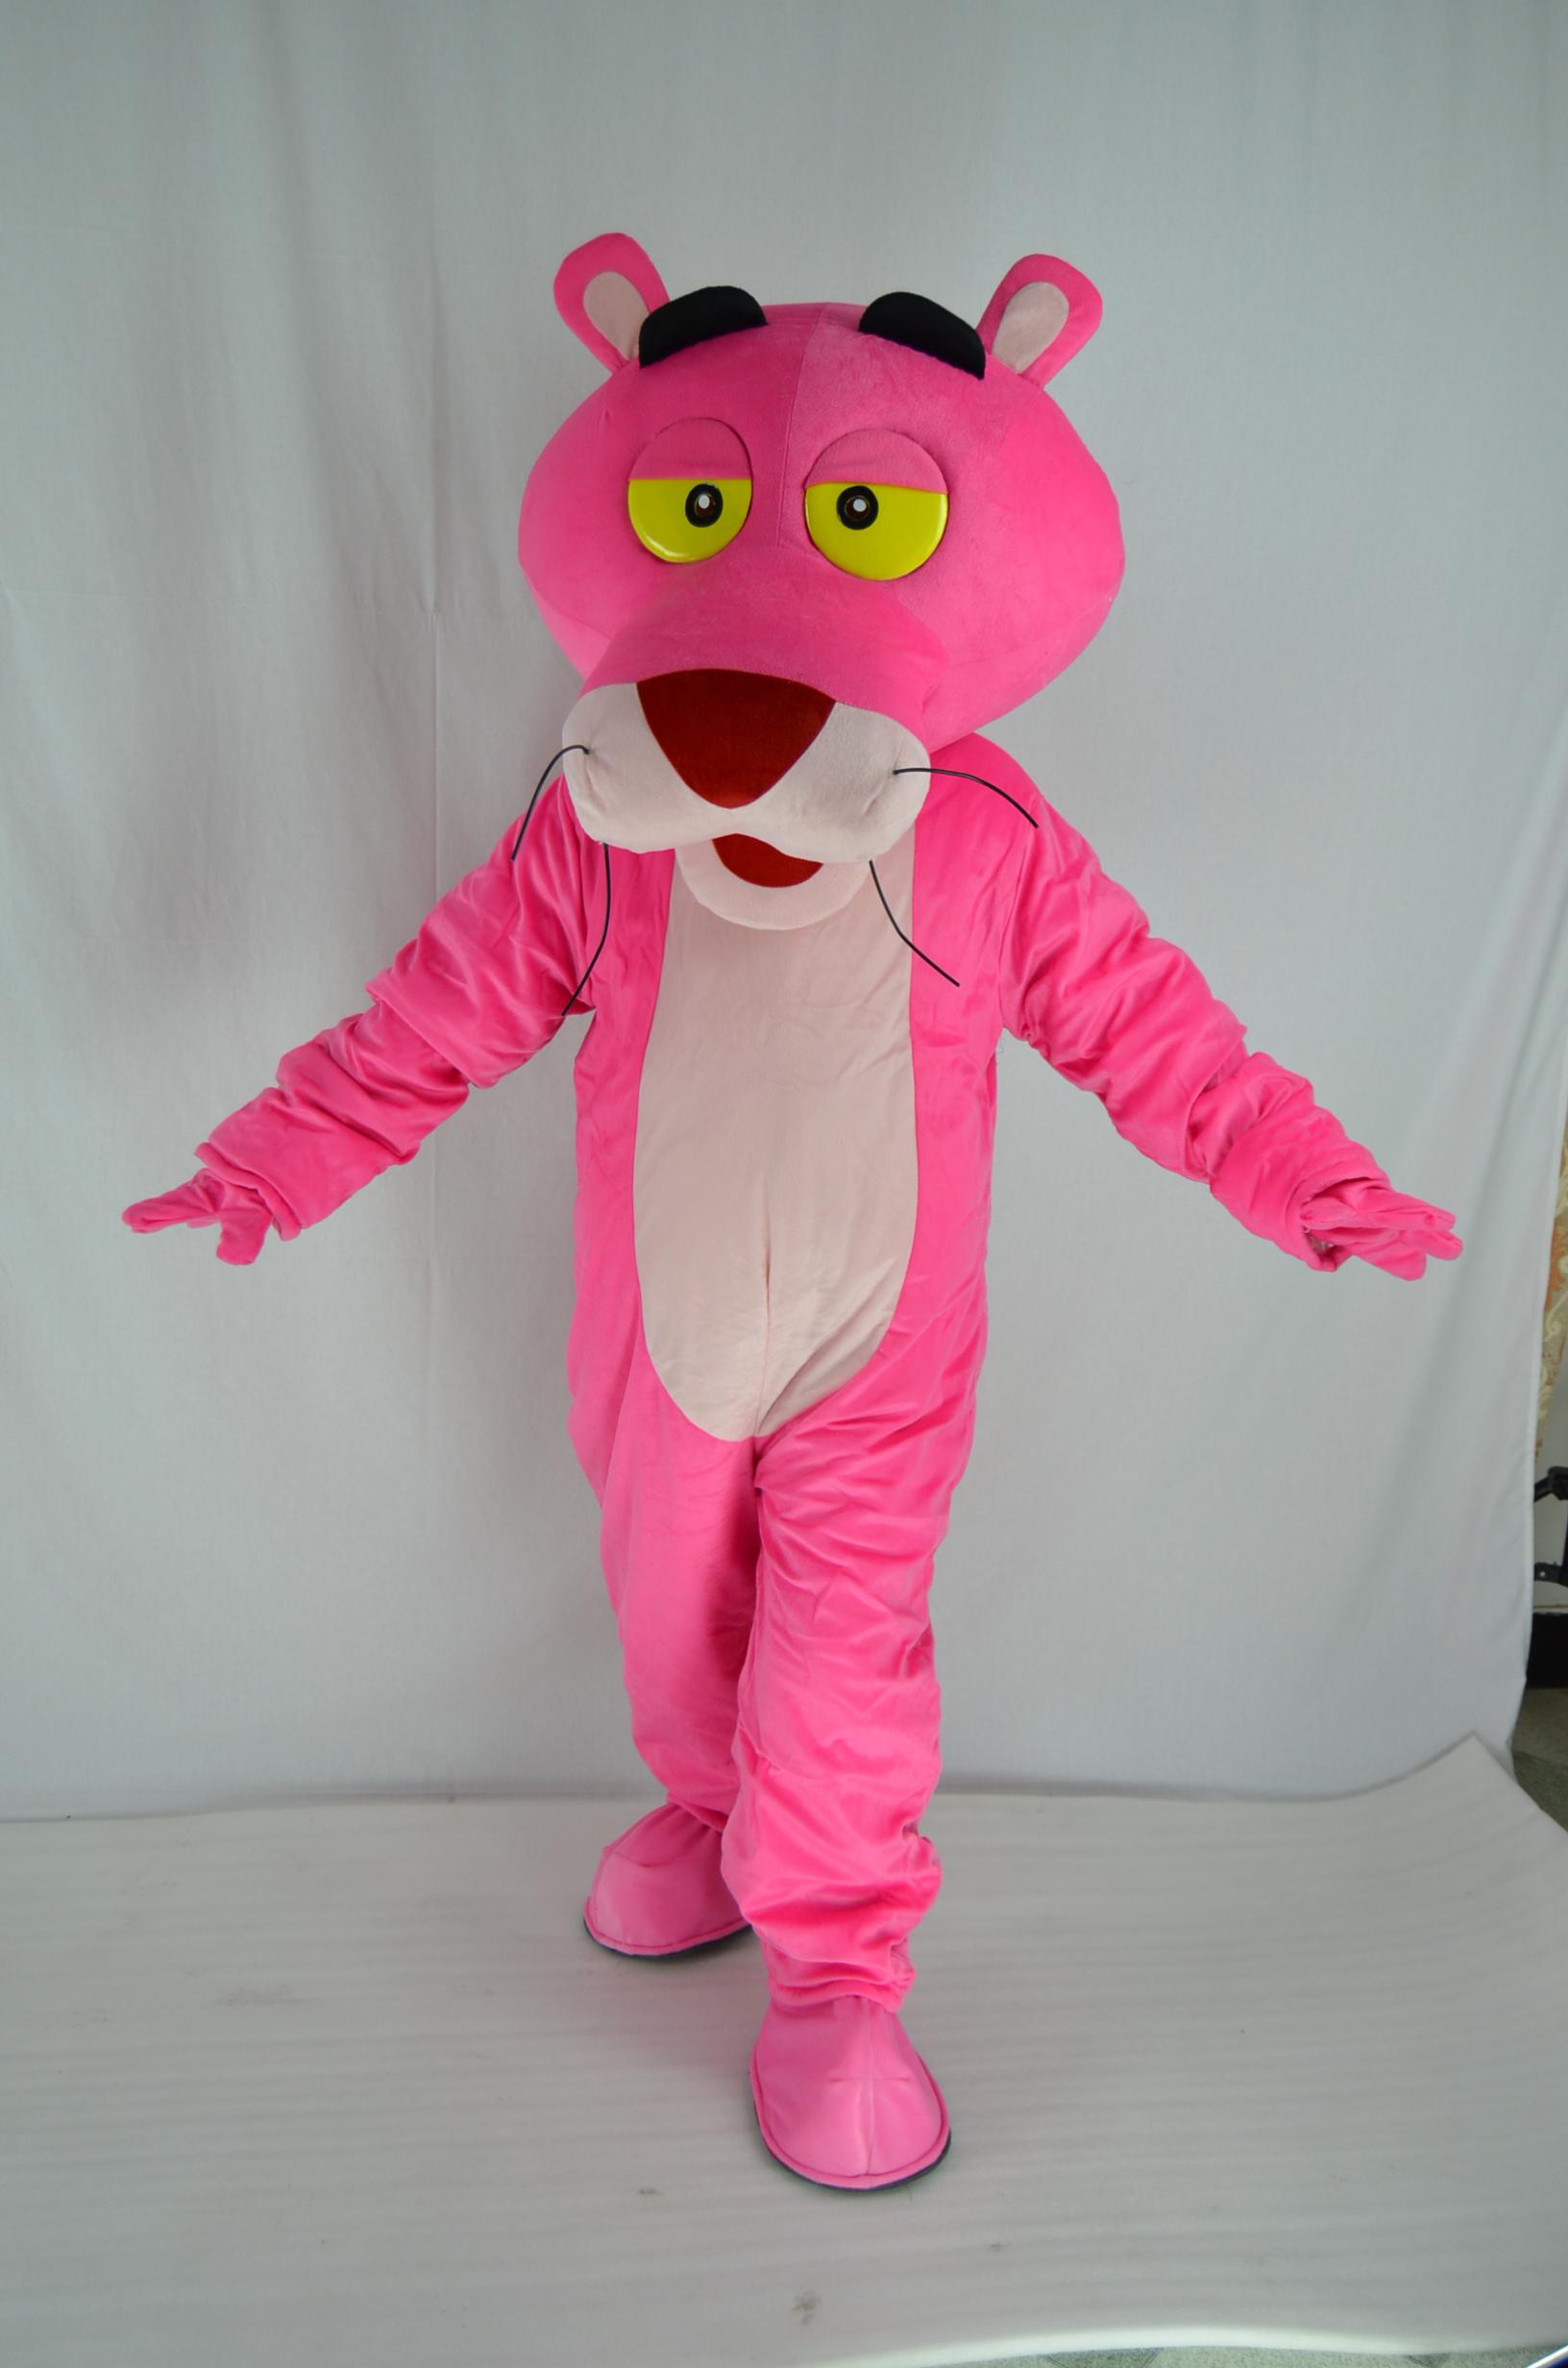 أدلى custume العلامة التجارية الجديدة الكبار الحجم النمر الوردي التميمة حلي النمر الوردي التميمة